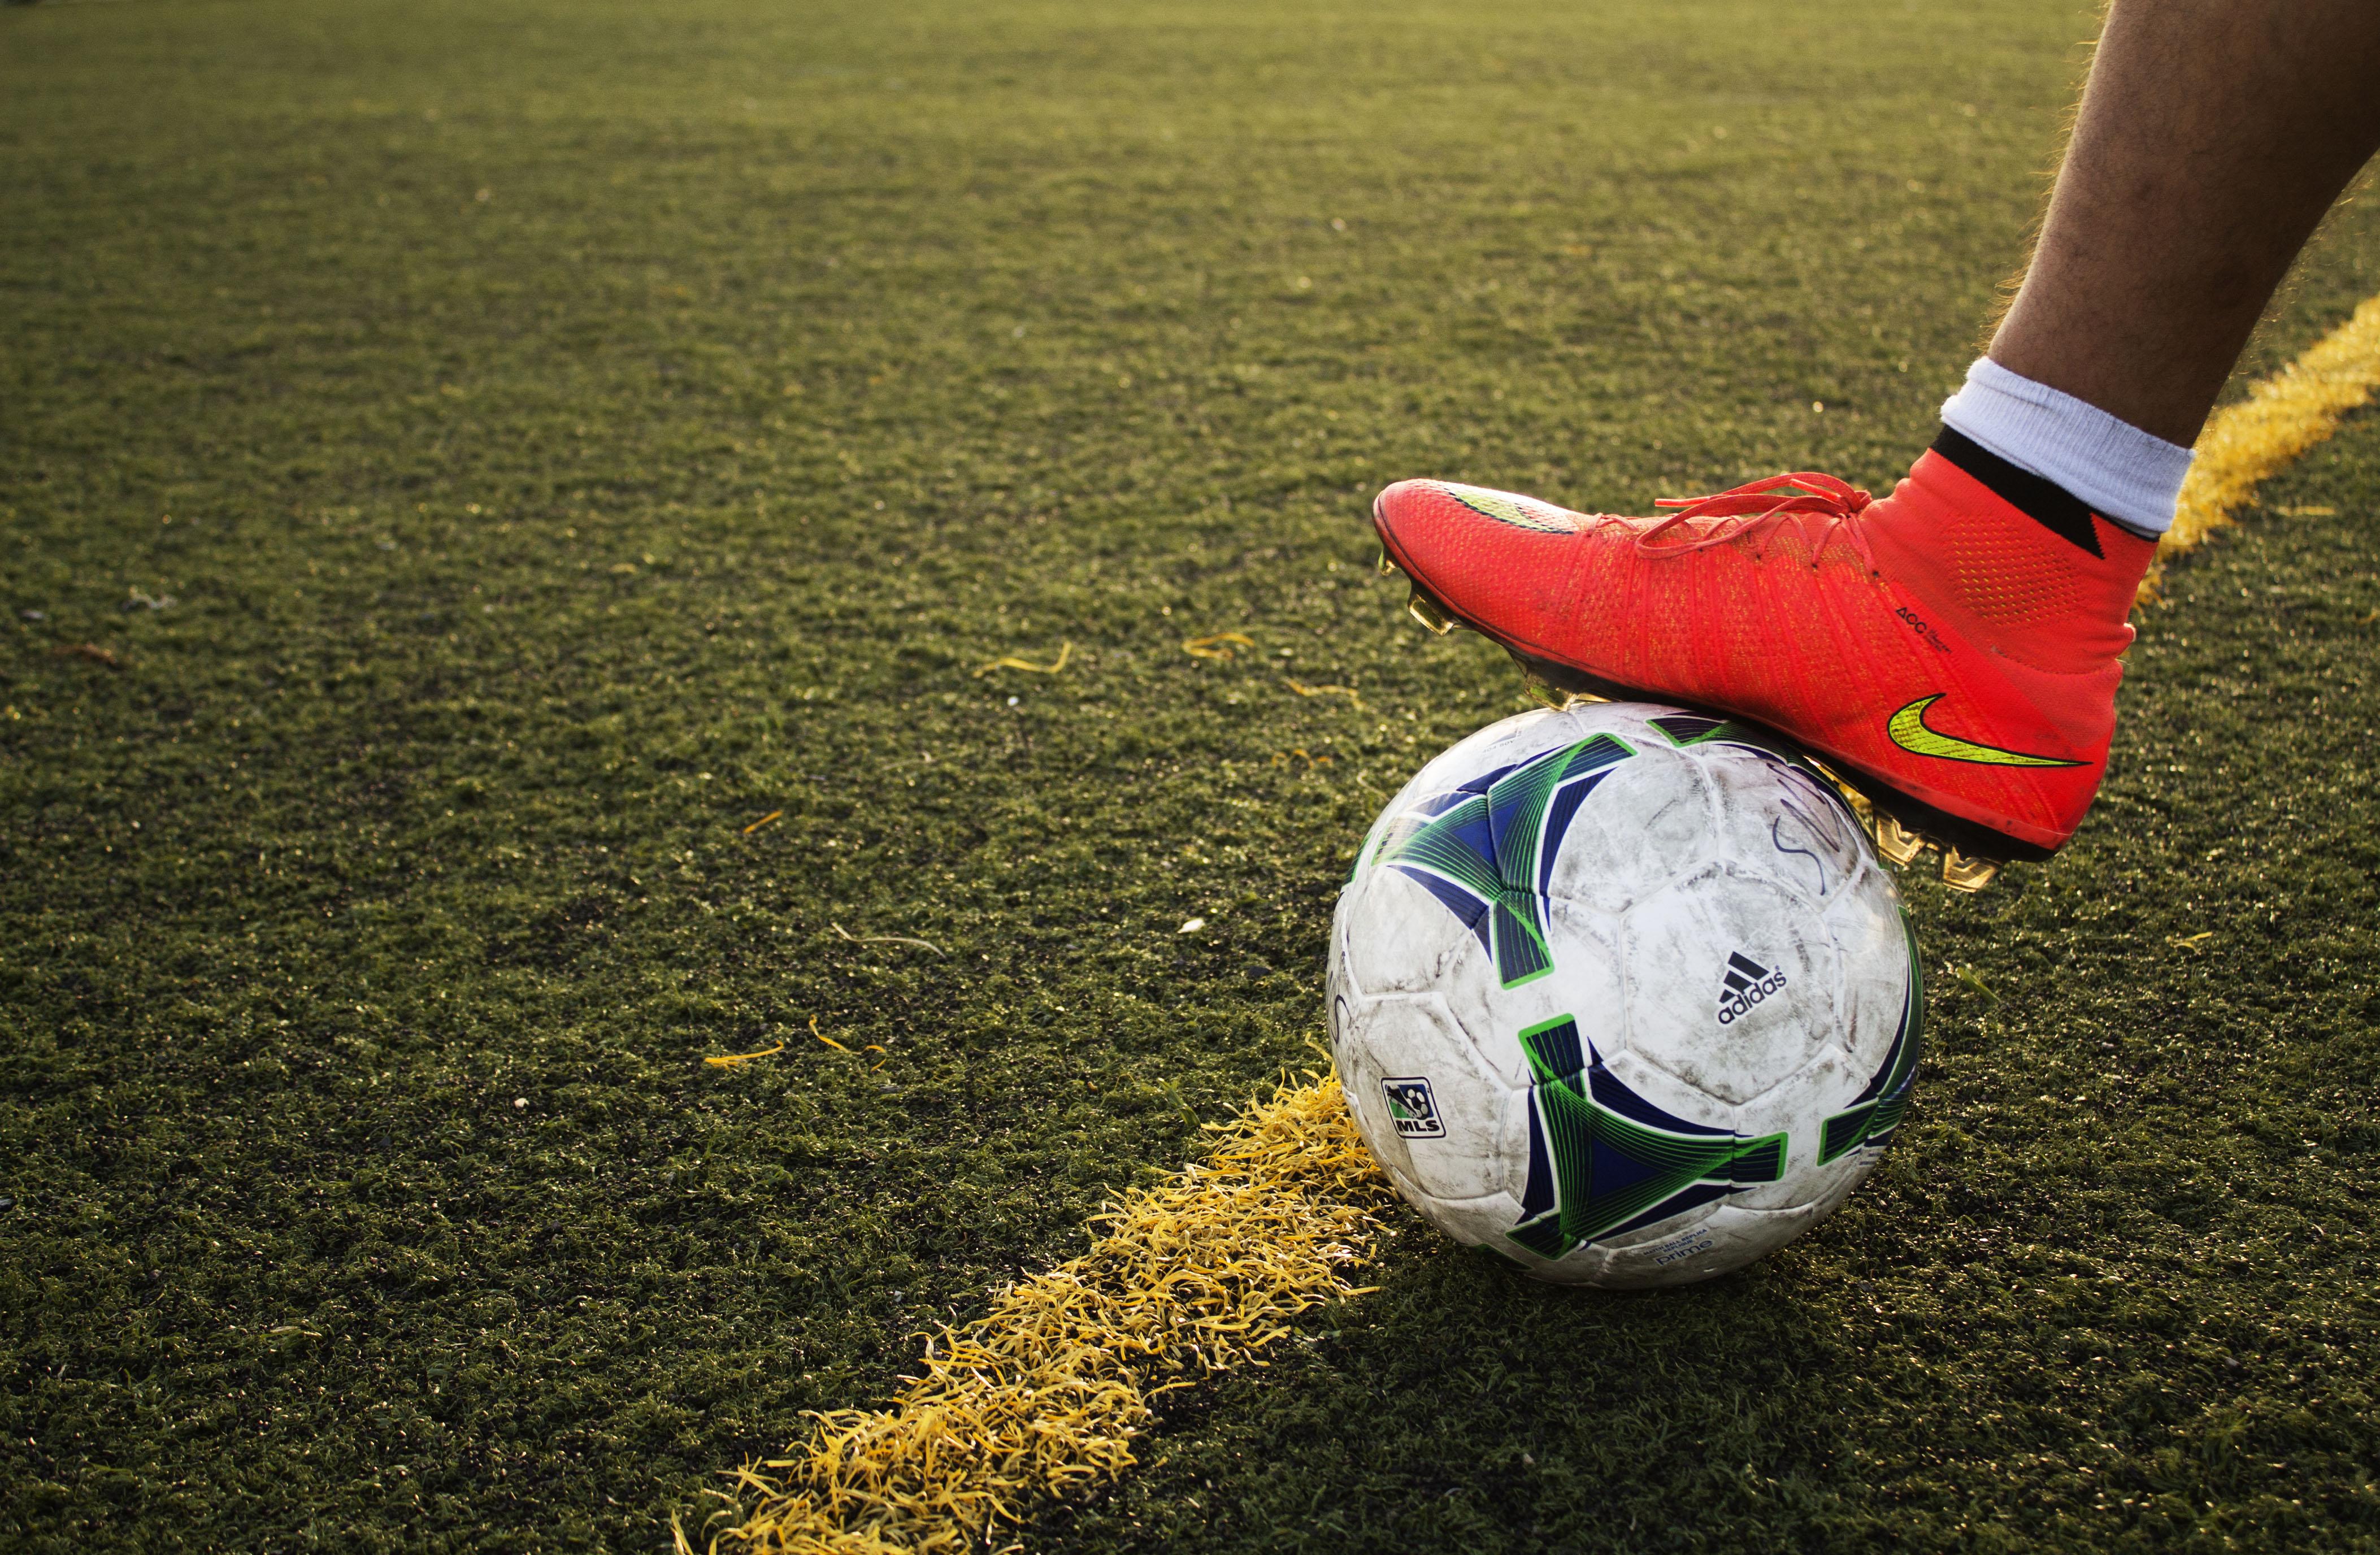 New School New Sports - The New School Free Press